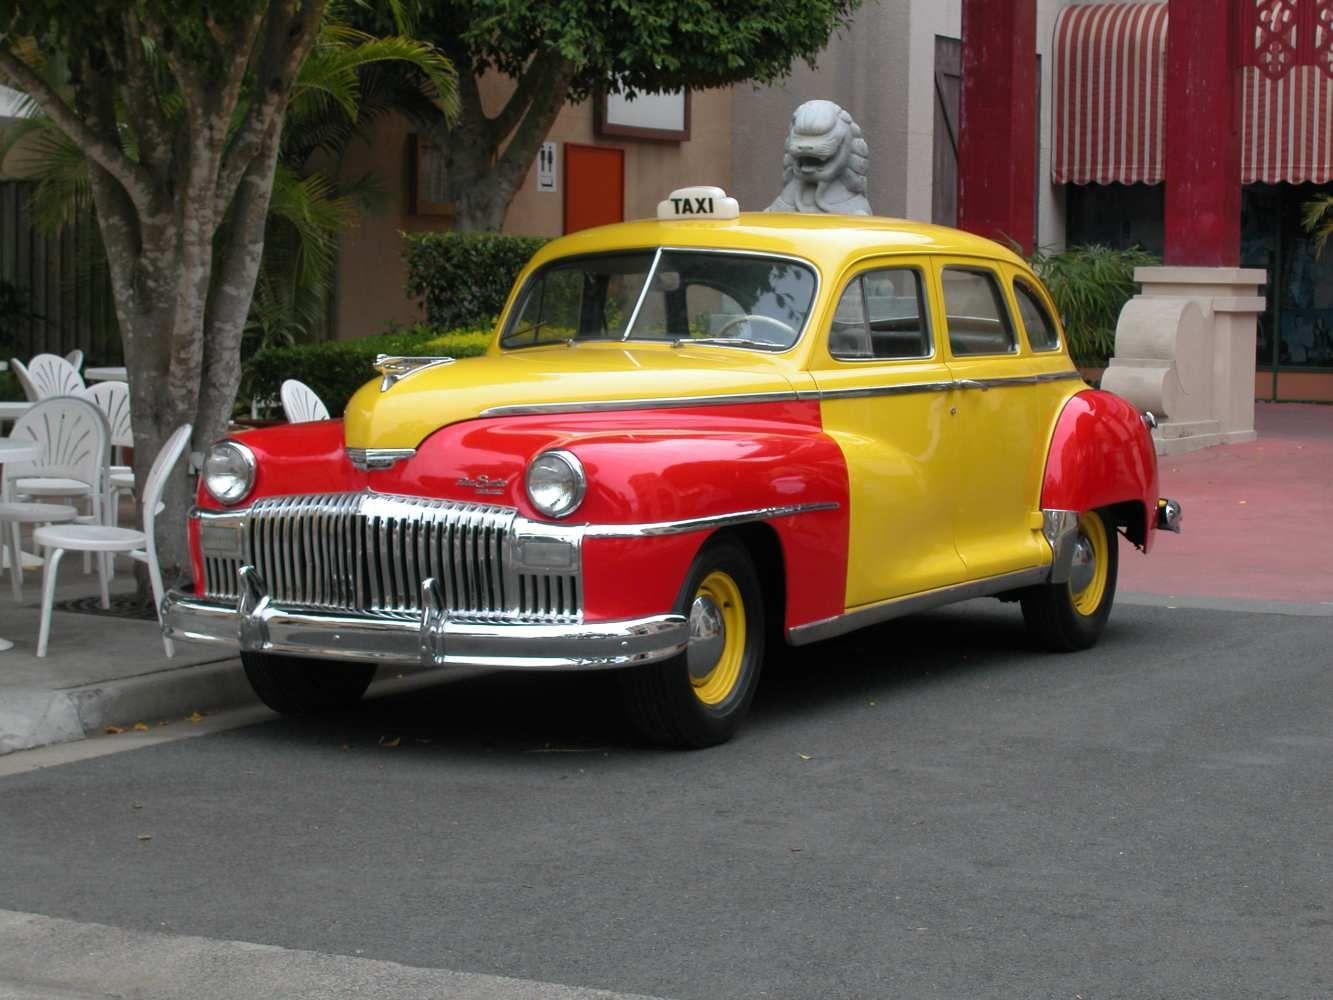 1939 Desoto Taxicab Voiture Vintage Voiture Autobus